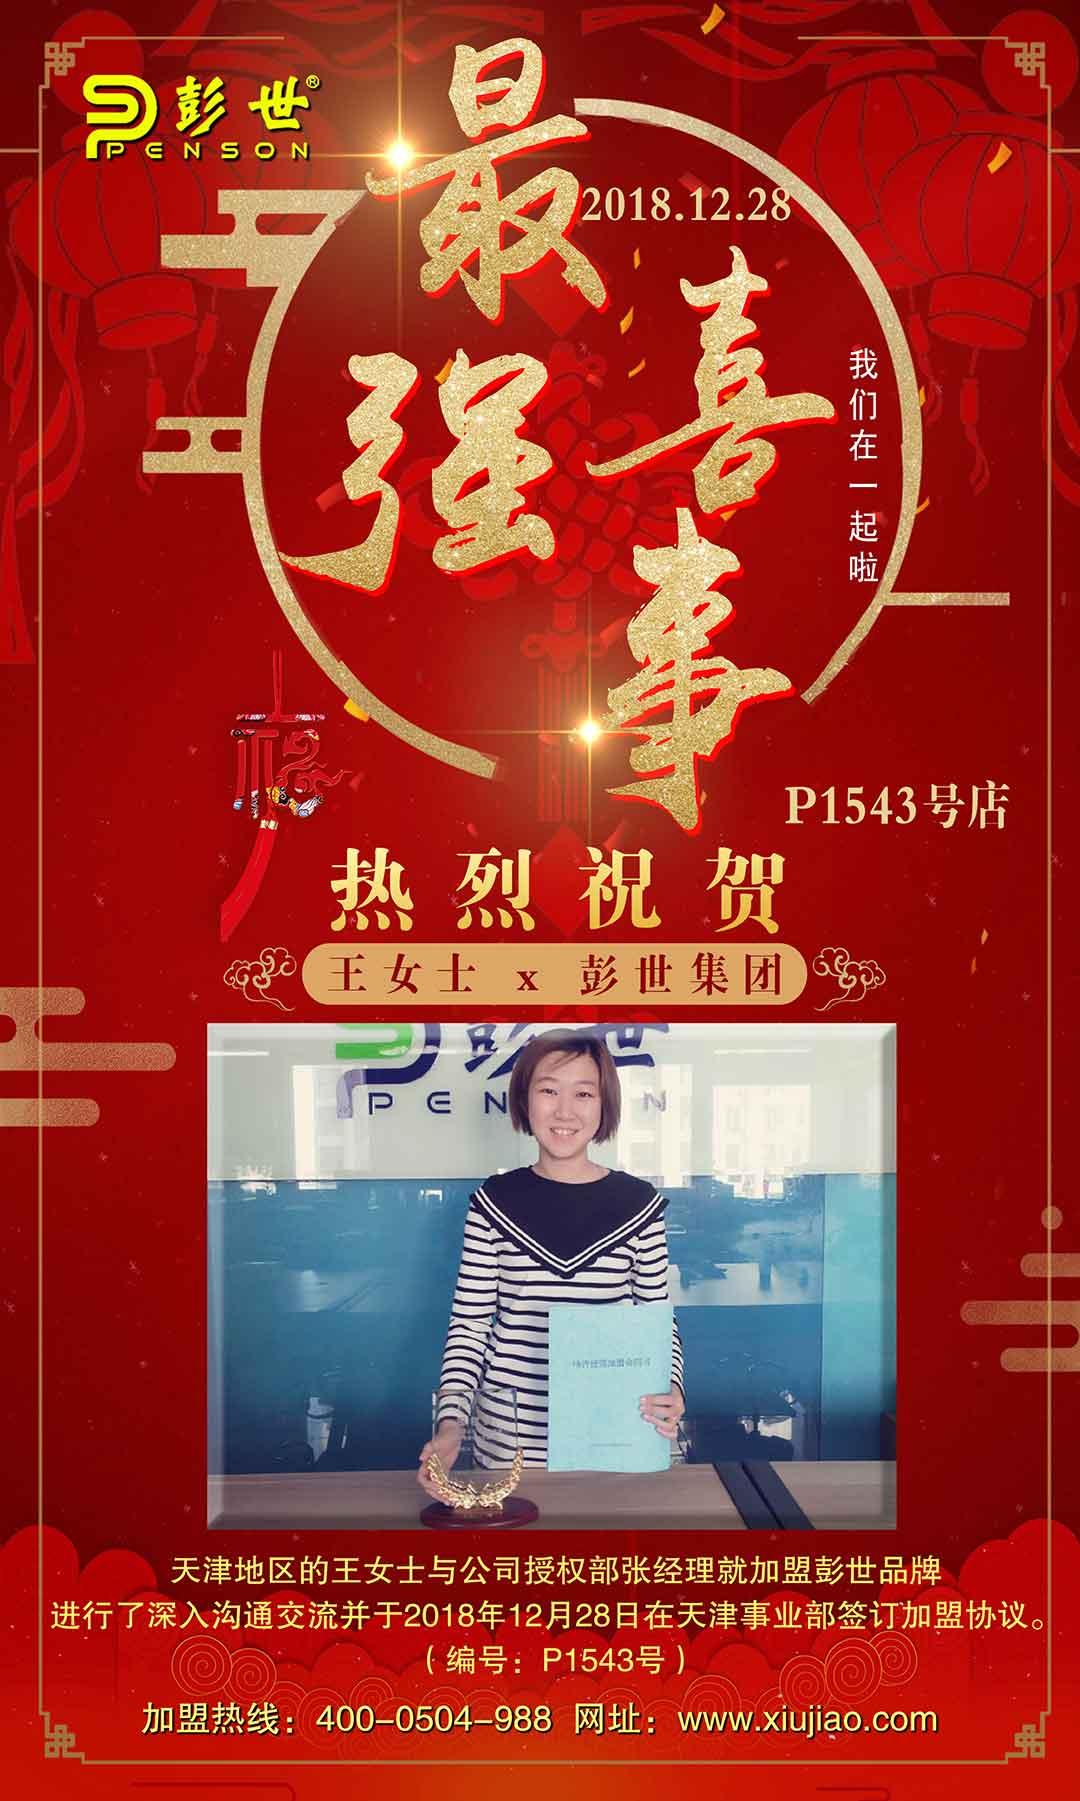 恭喜王女士成功签约天津地区彭世修脚加盟店